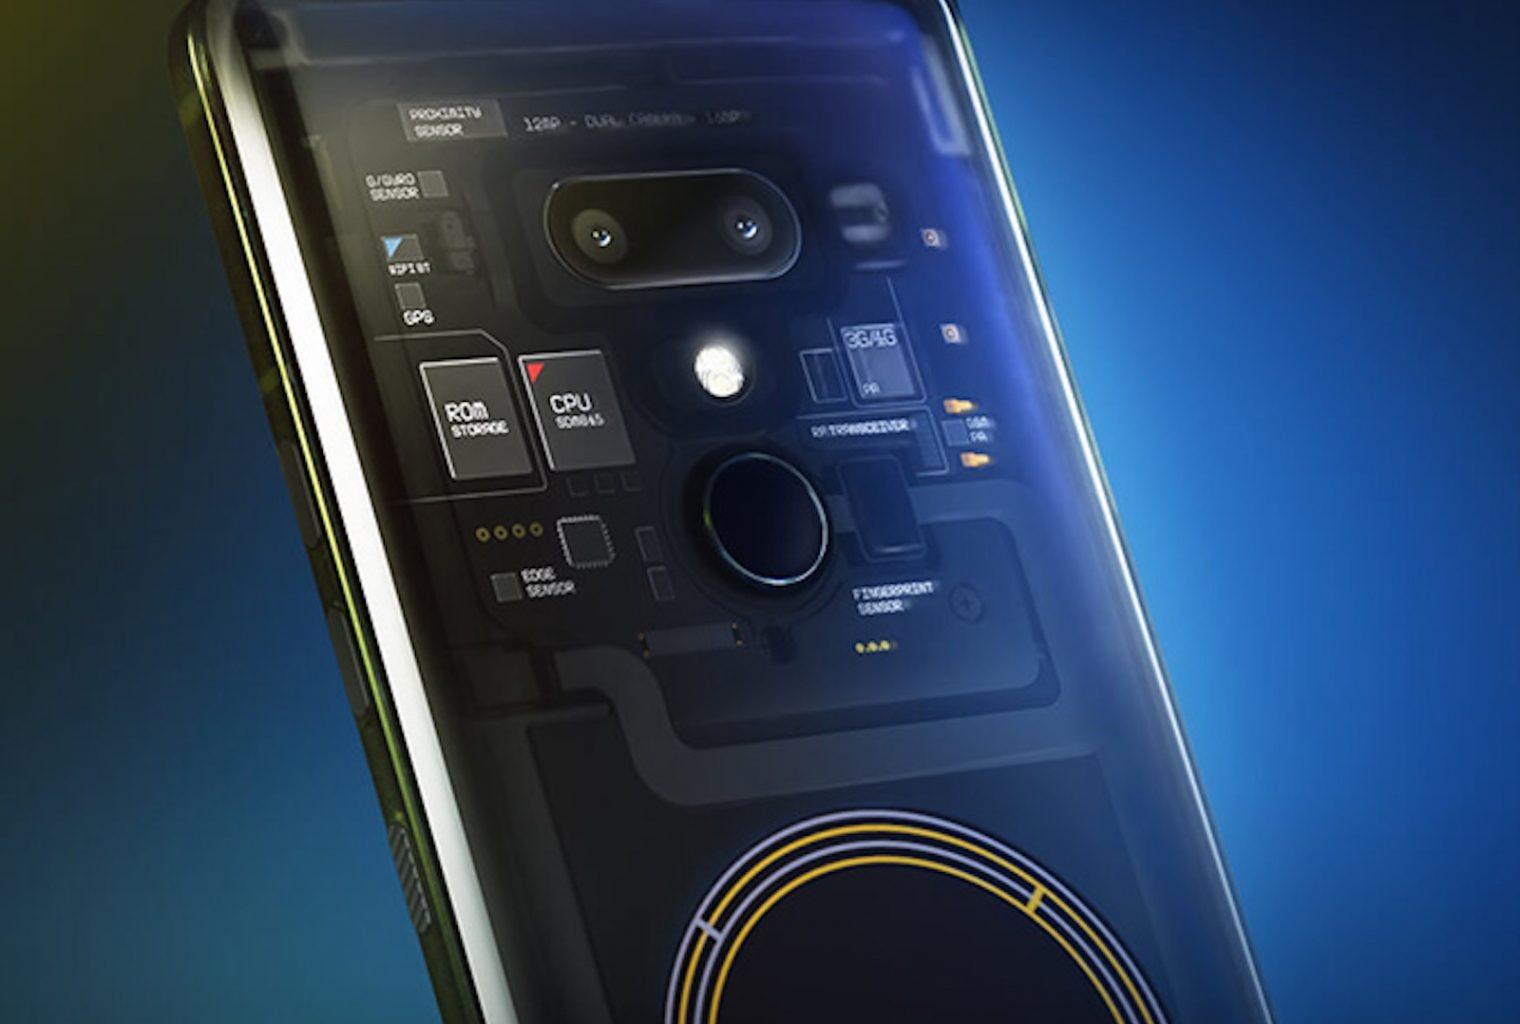 HTC sẽ ra mắt chiếc điện thoại blockchain giá rẻ vào cuối năm nay